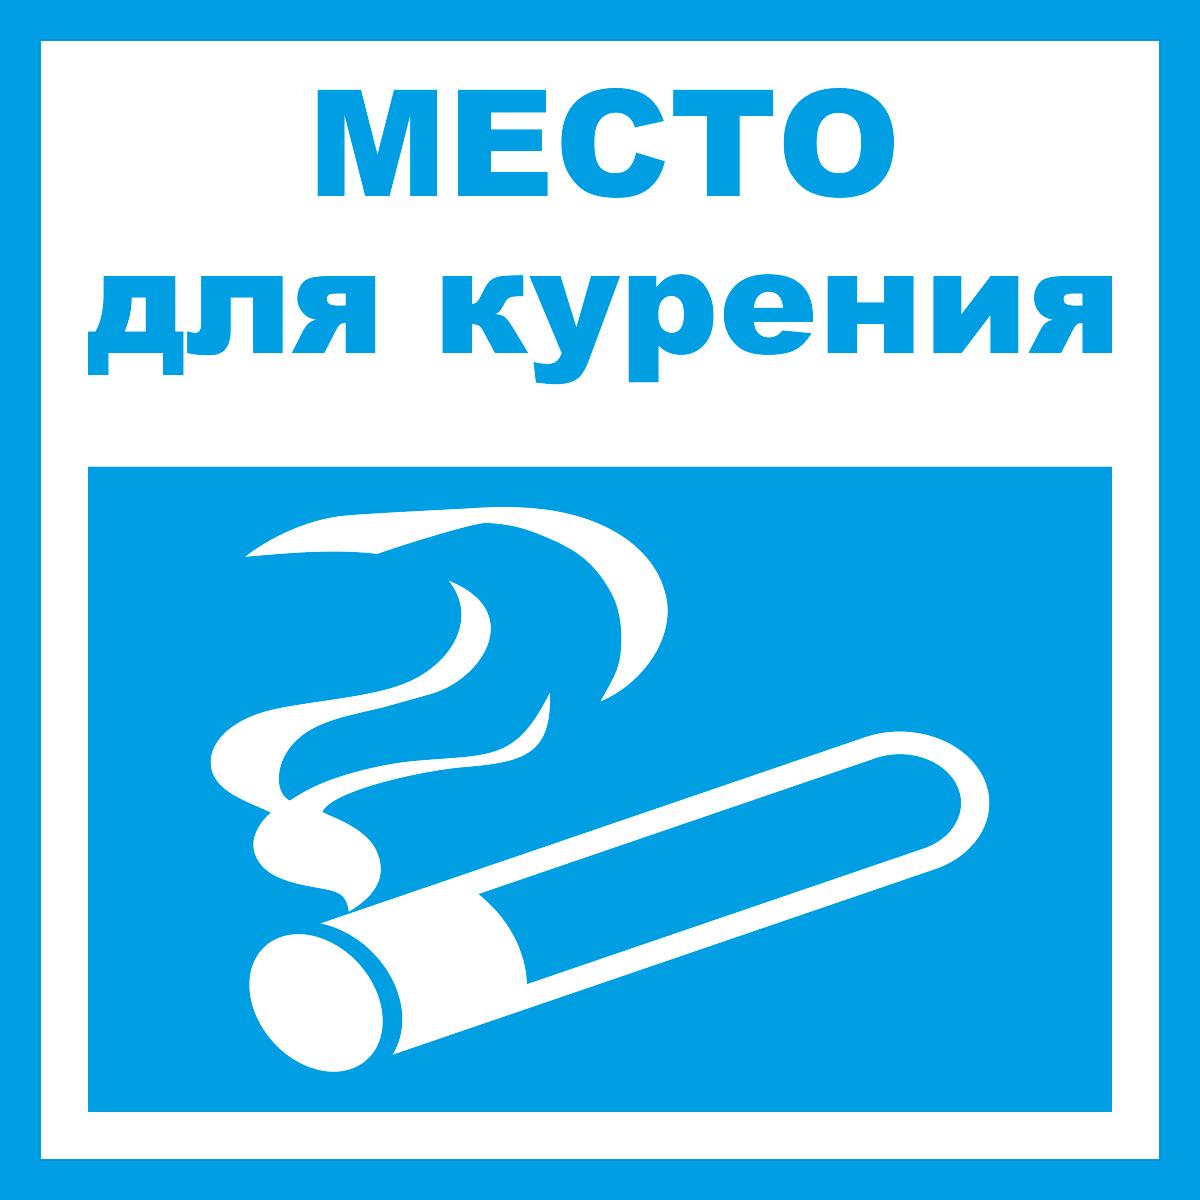 Наклейка информационная Оранжевый Слоник Место курения, 15 х 15 см